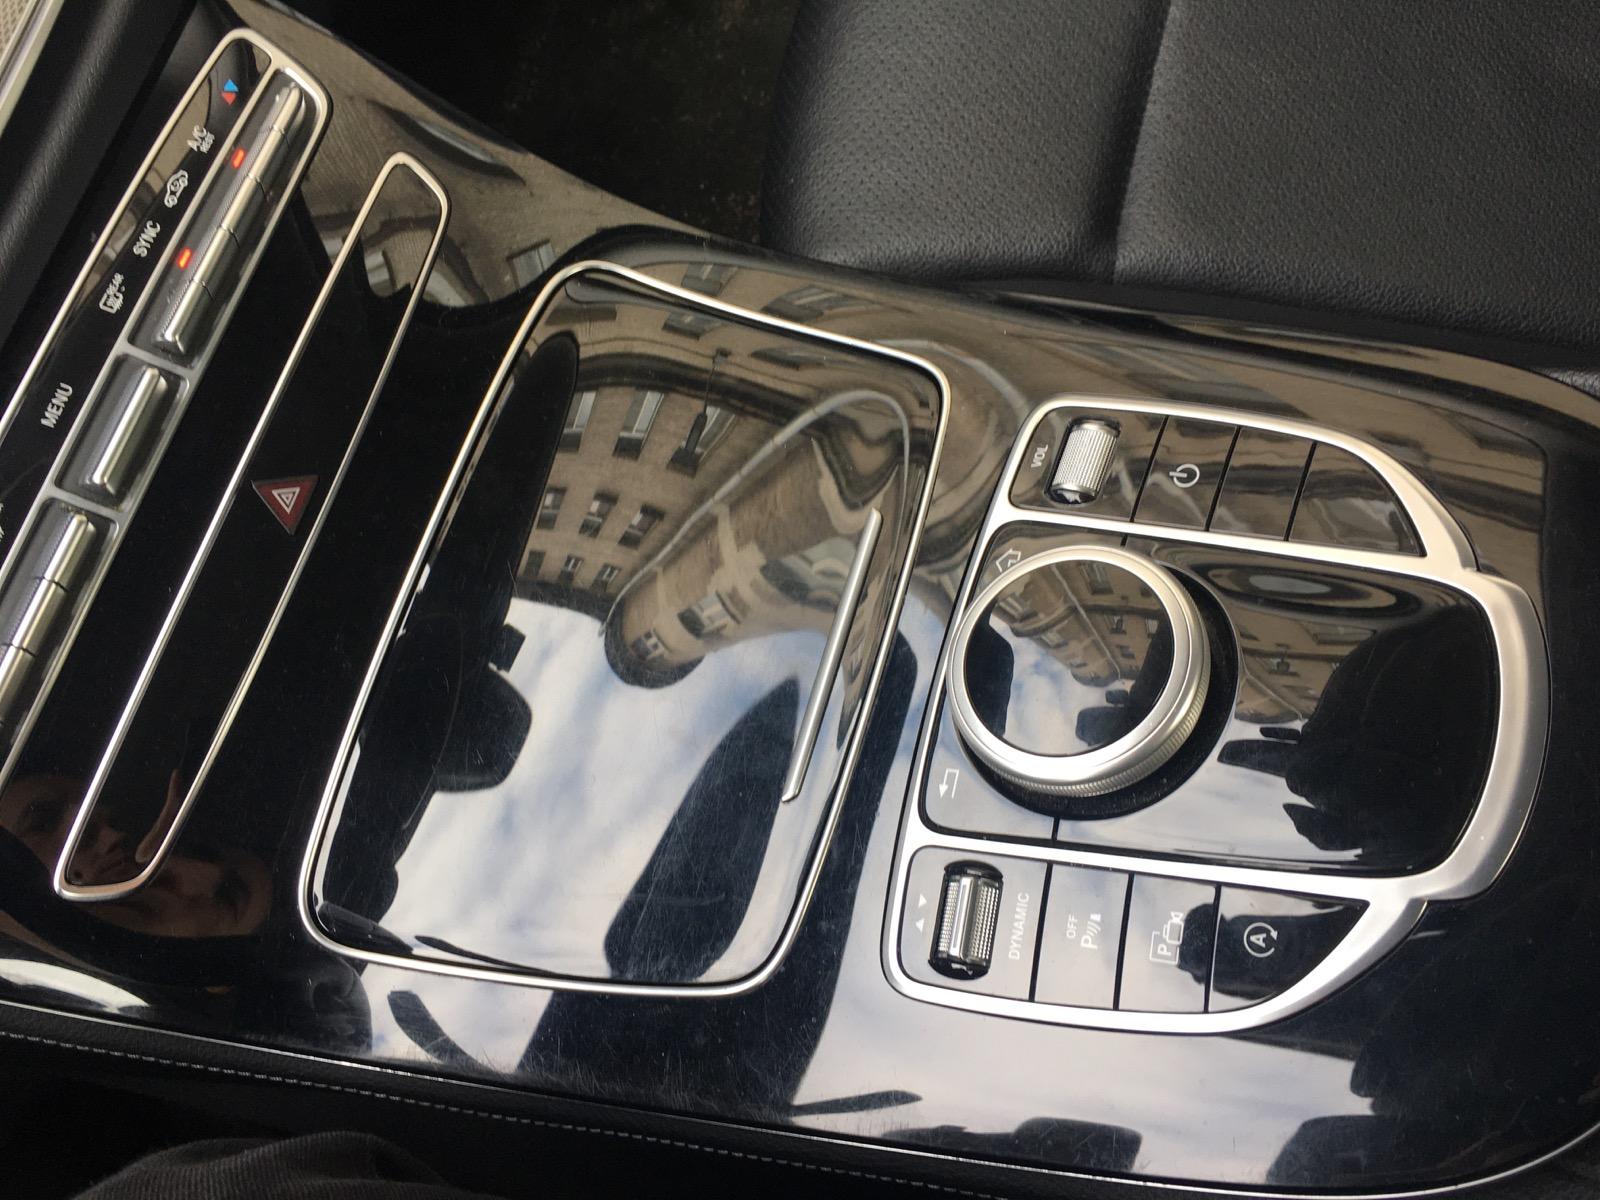 Mercedes E200 Яндекс.Драйв